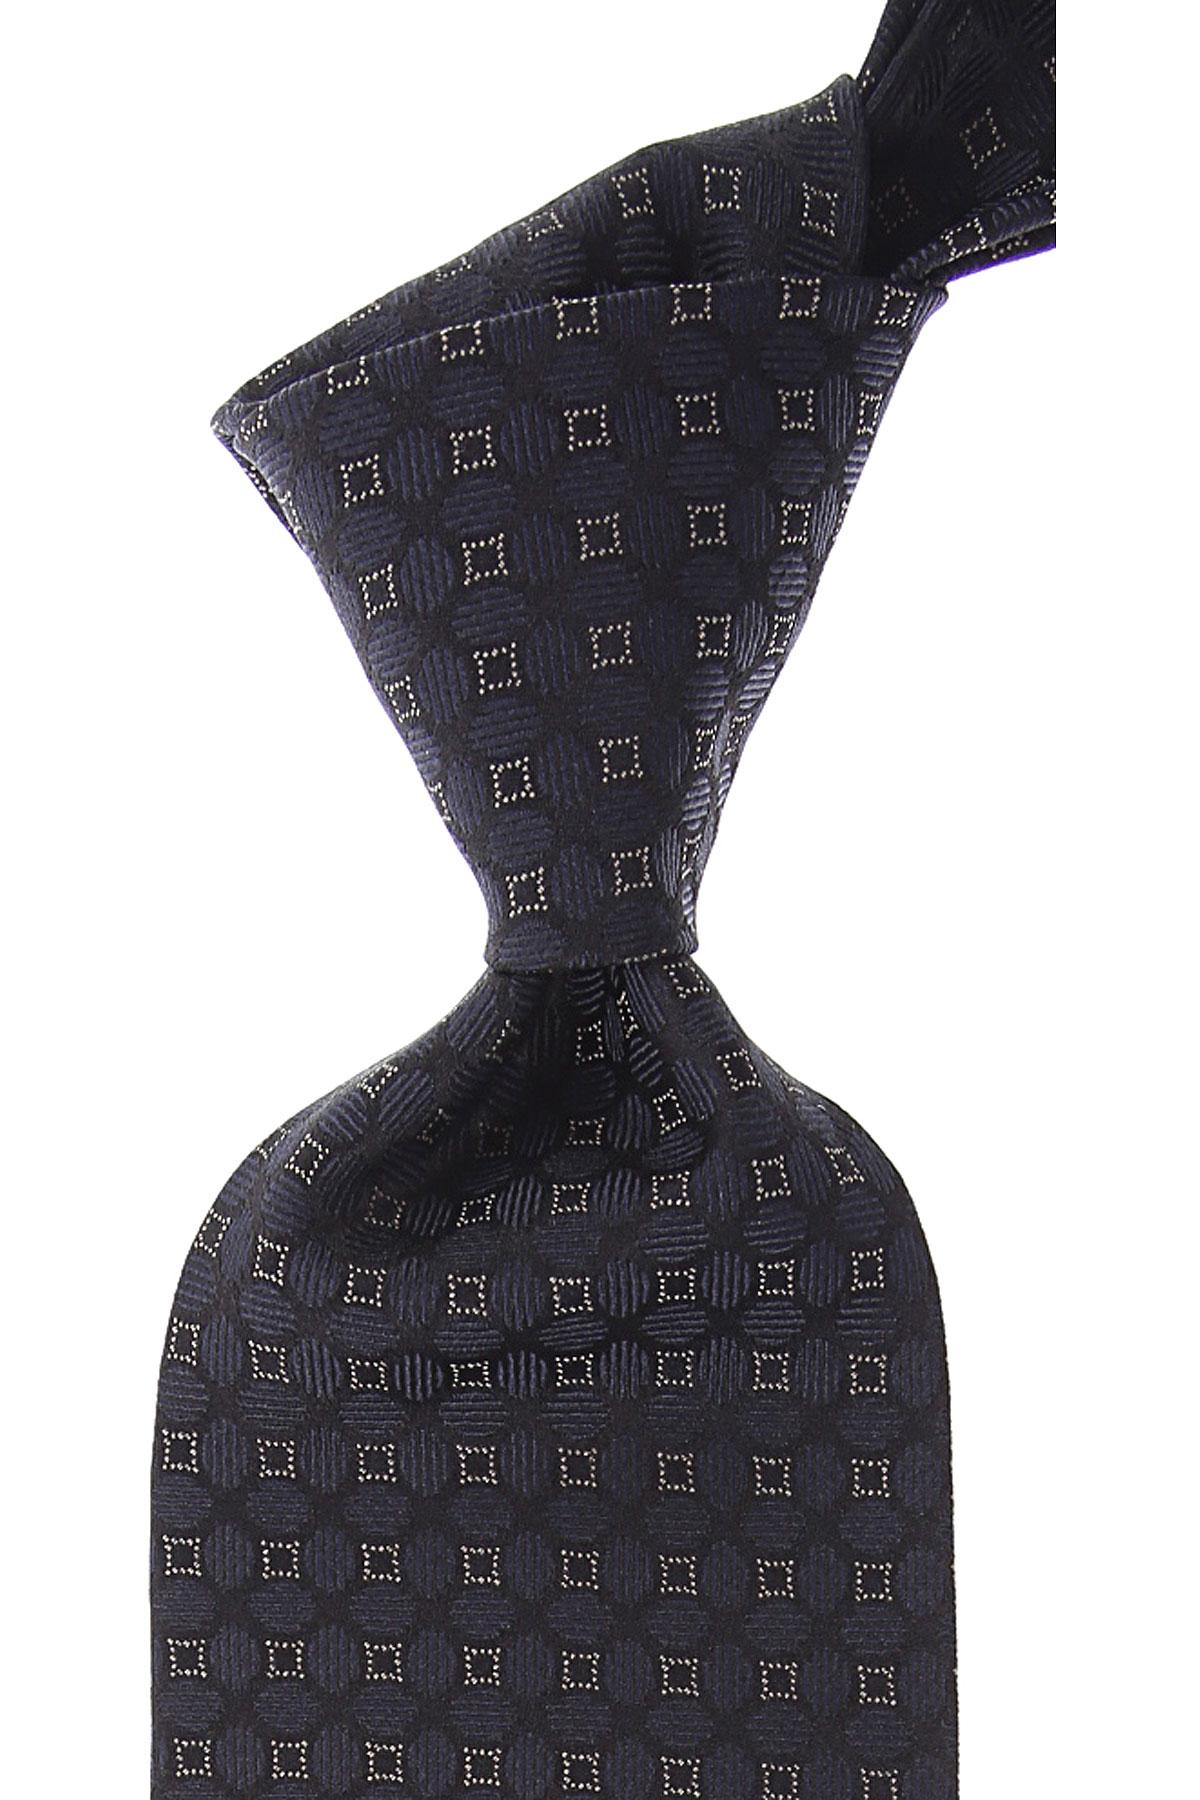 Dolce & Gabbana Cravates Pas cher en Soldes, Noir, Soie, 2019